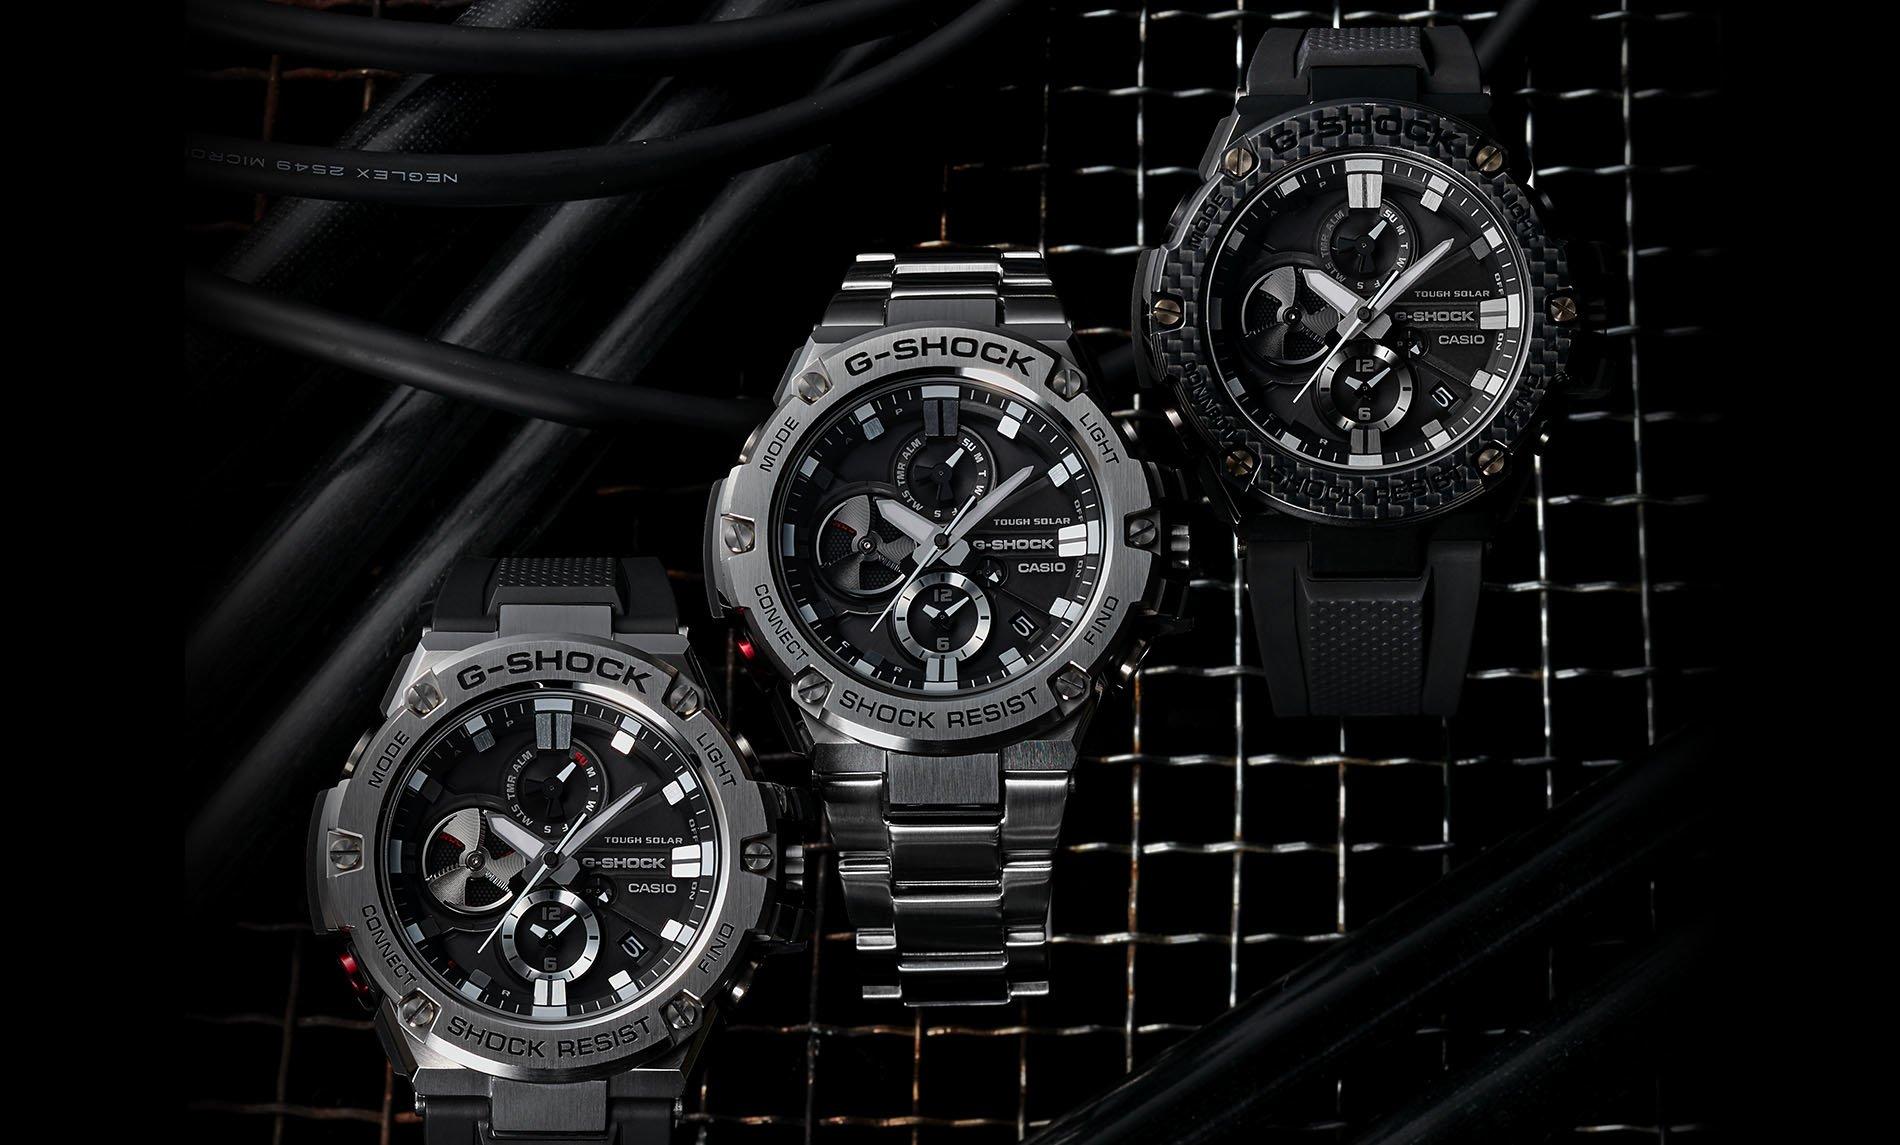 33880785 Часы Casio G-Shock: как отличить оригинал от подделки - OSKELLY